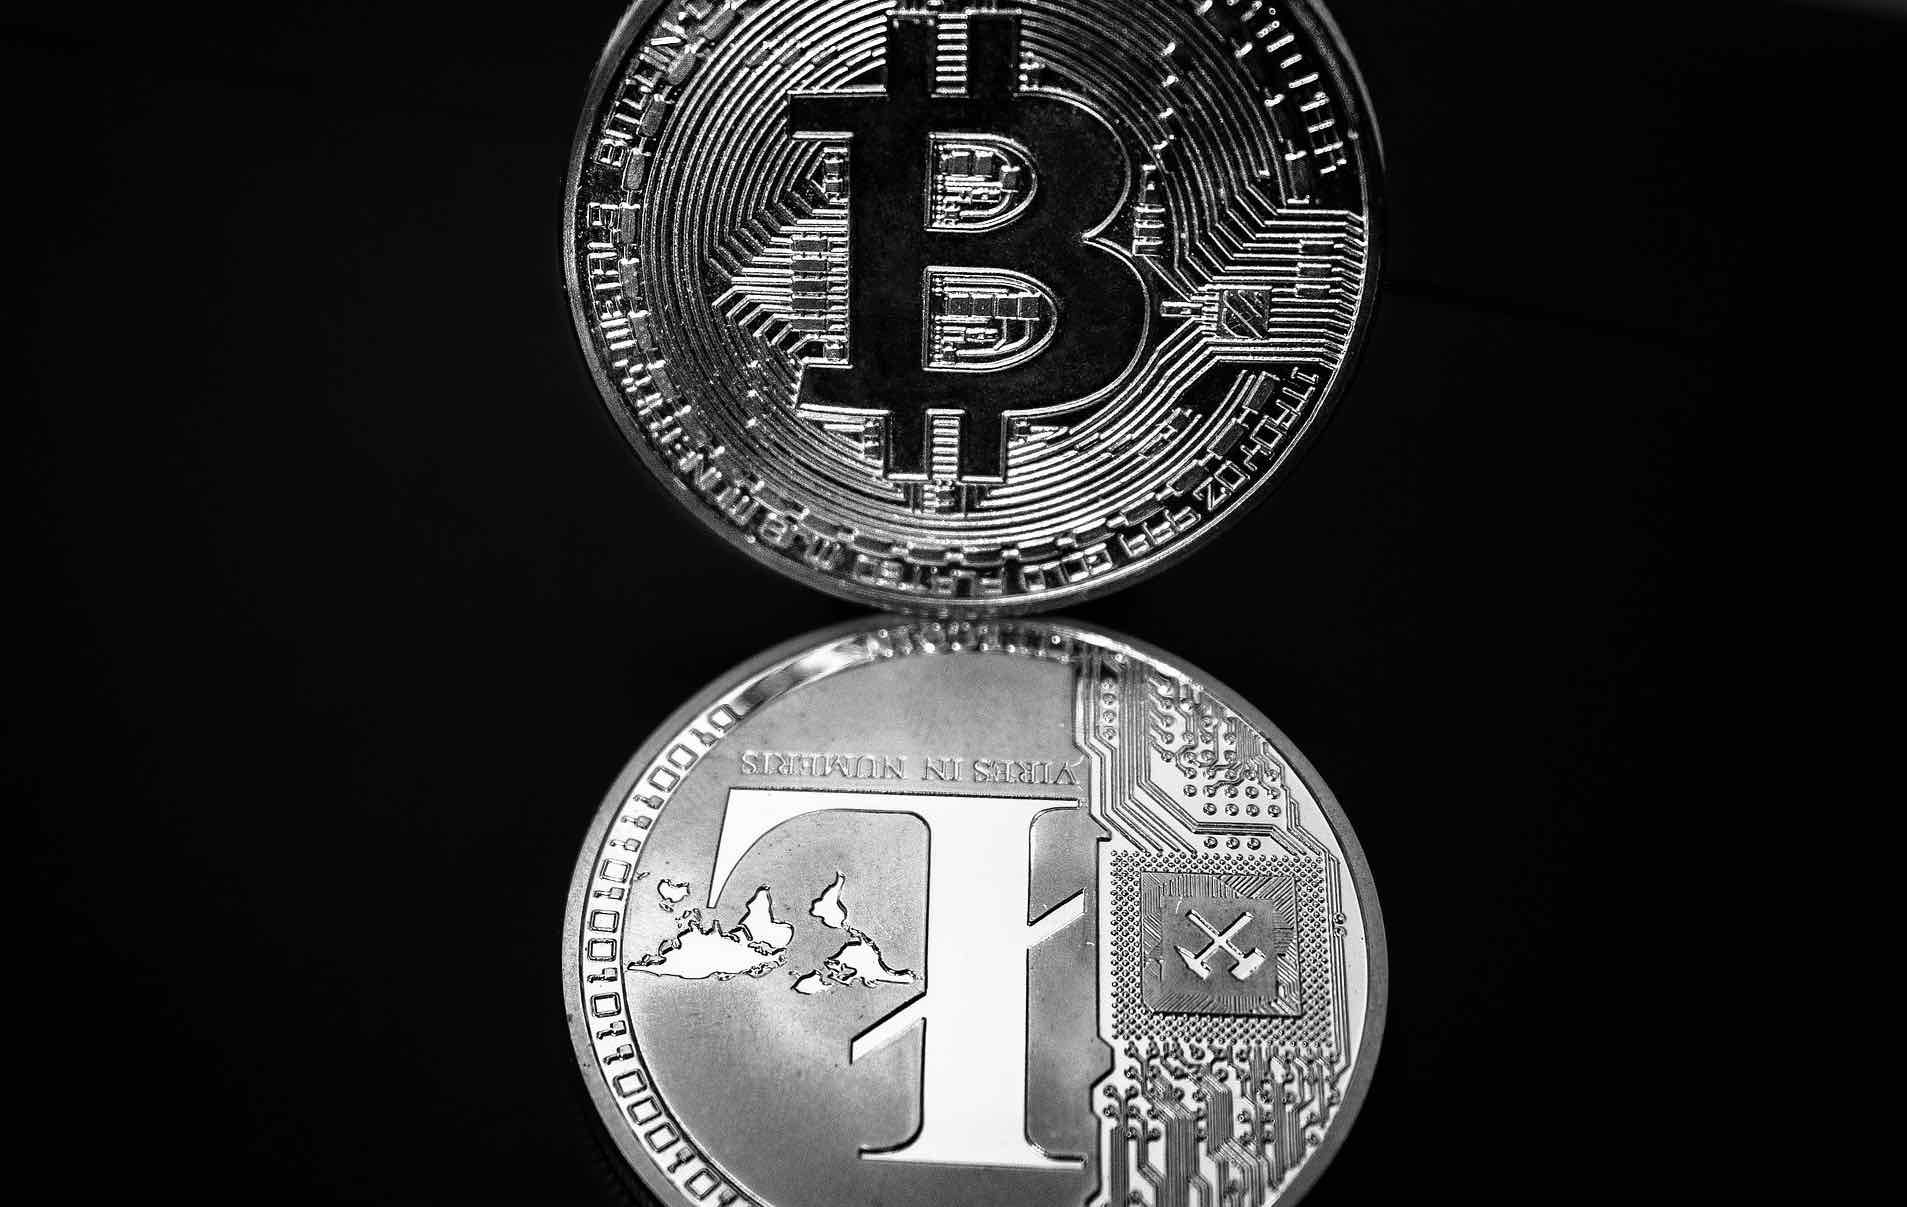 vex venezuela exchange litecoin bitcoin